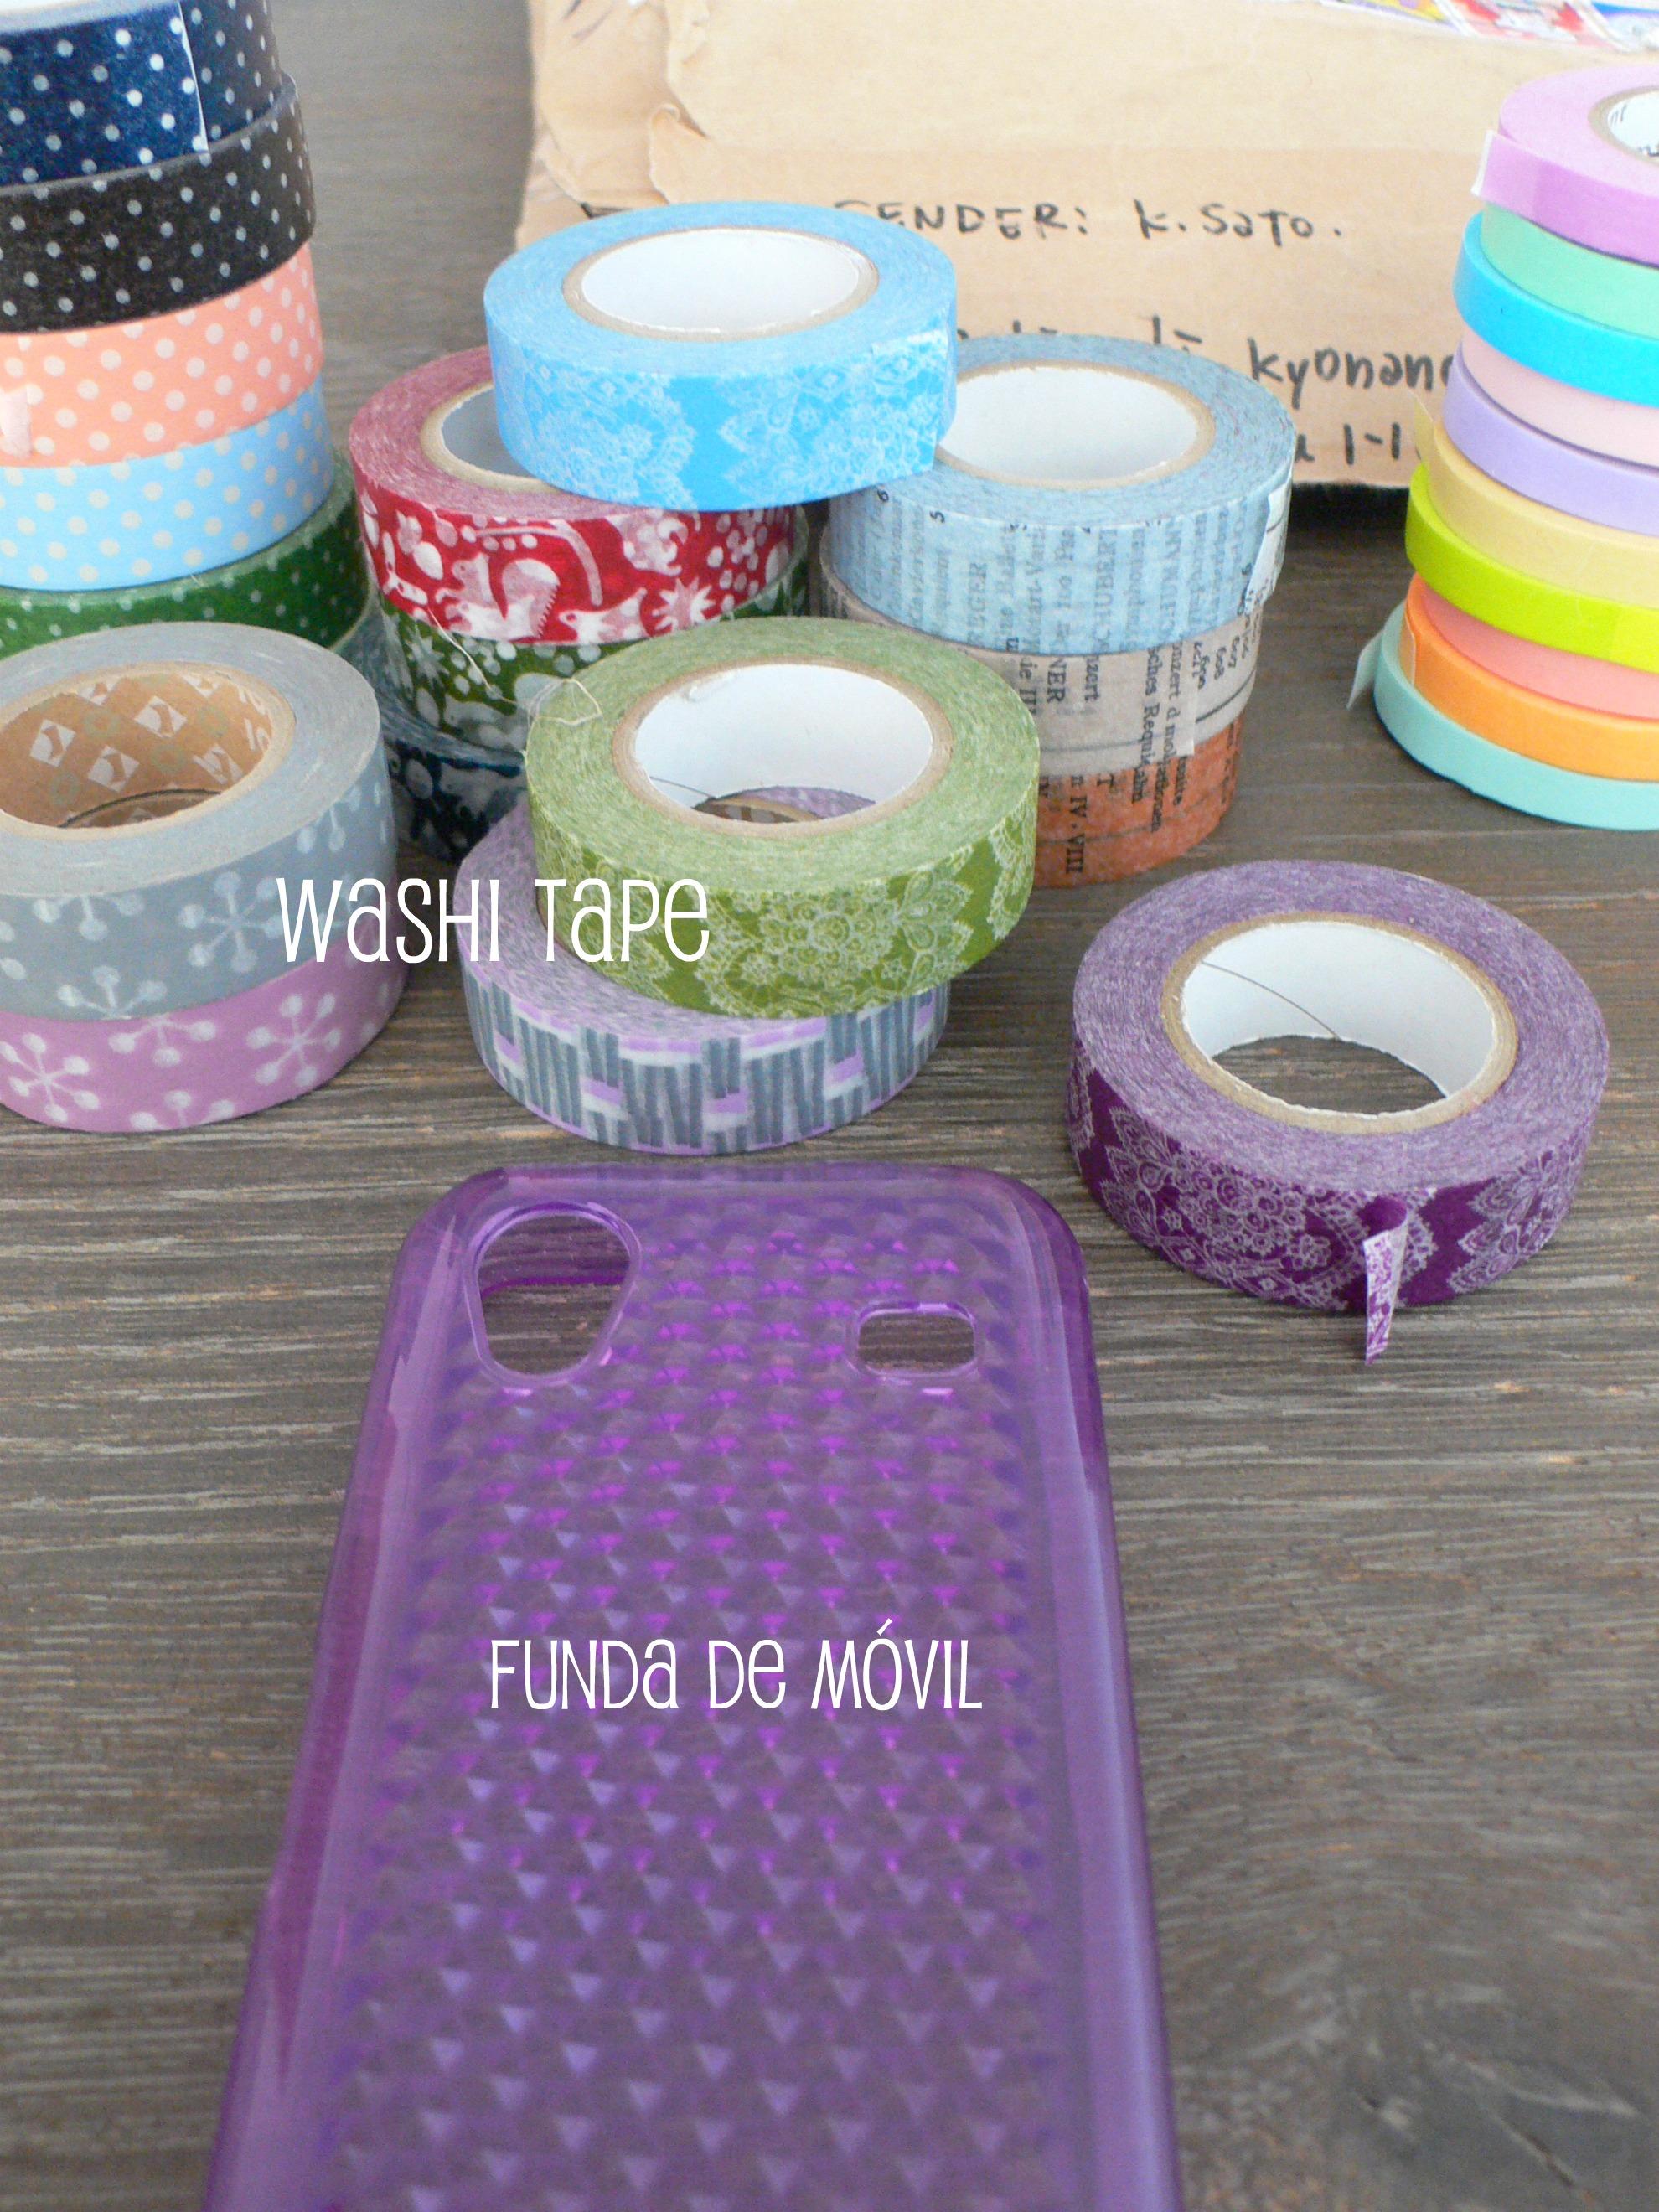 Una funda de washi tape - Fundas para moviles caseras ...